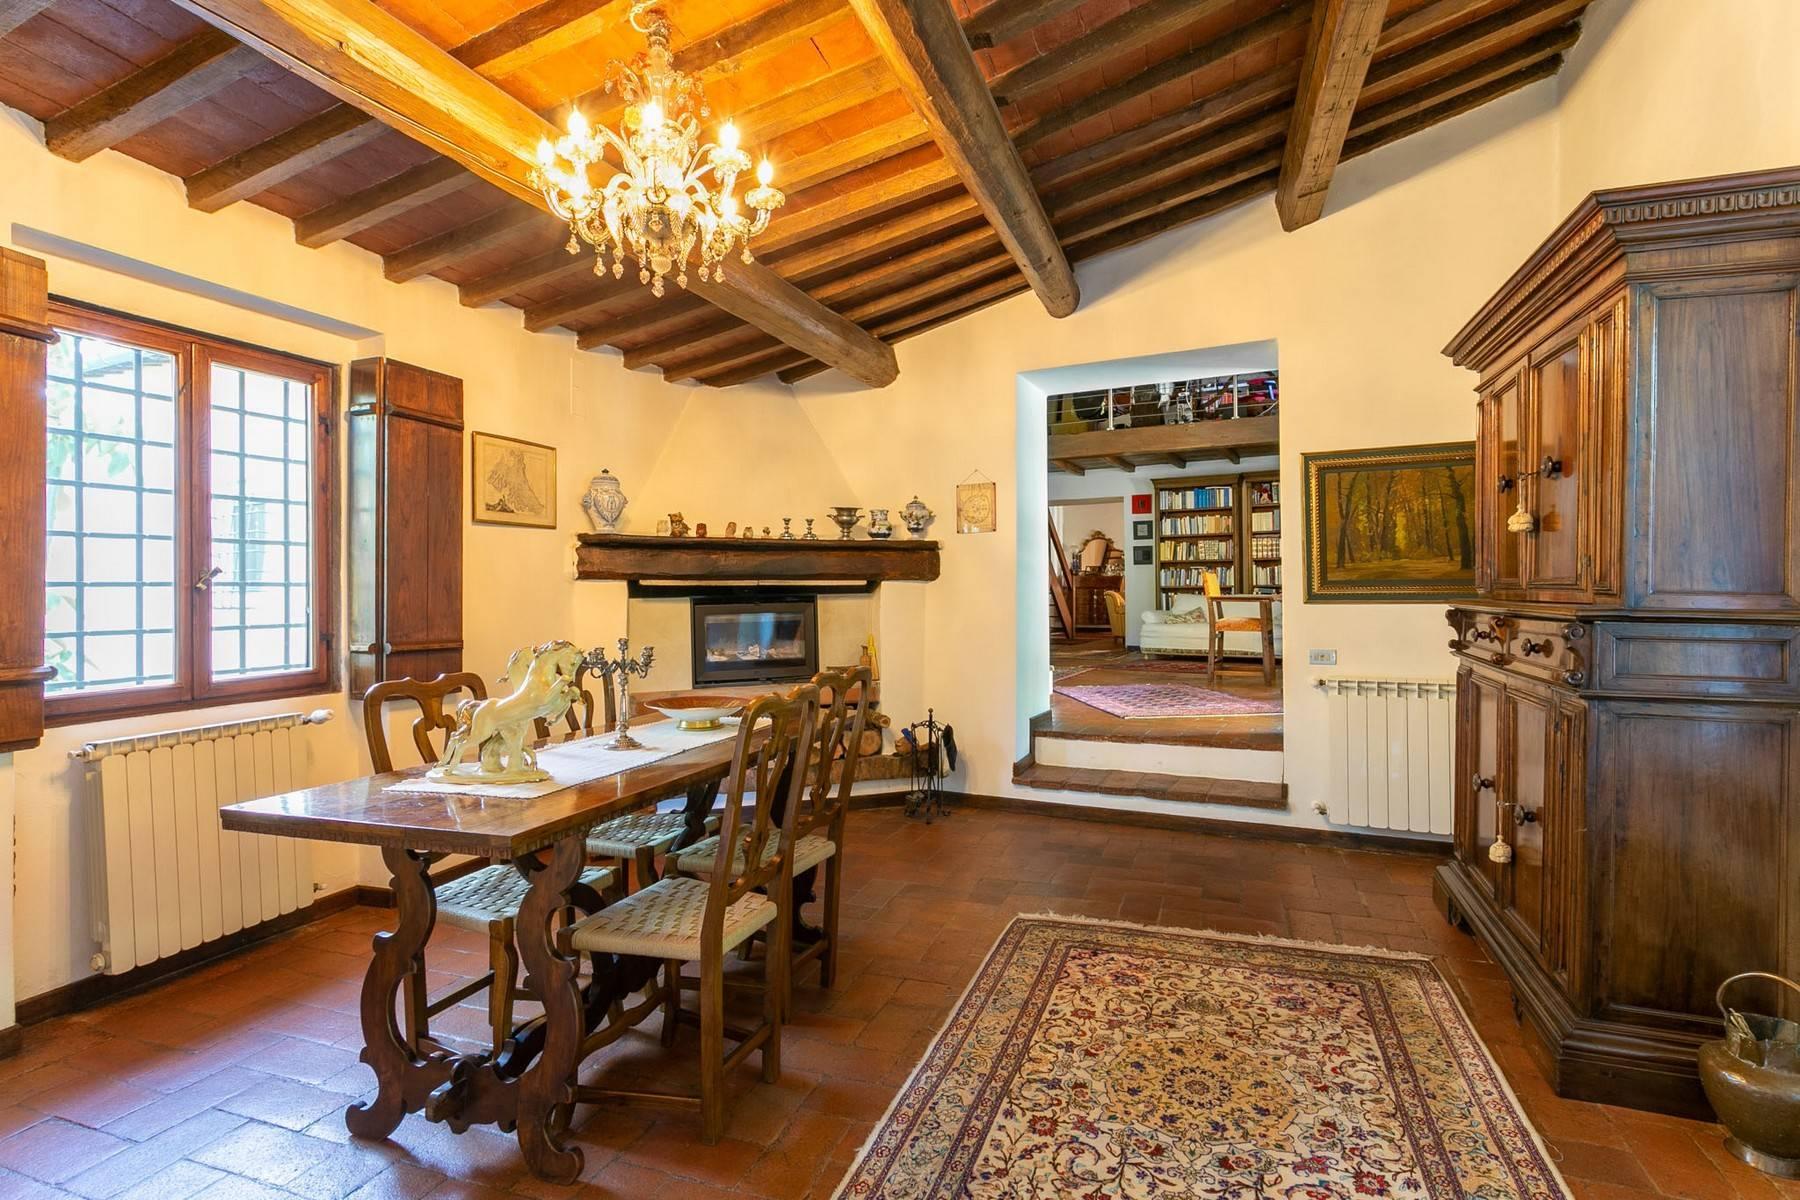 Villa mitten im Grünen in der Nähe von Florenz - 7